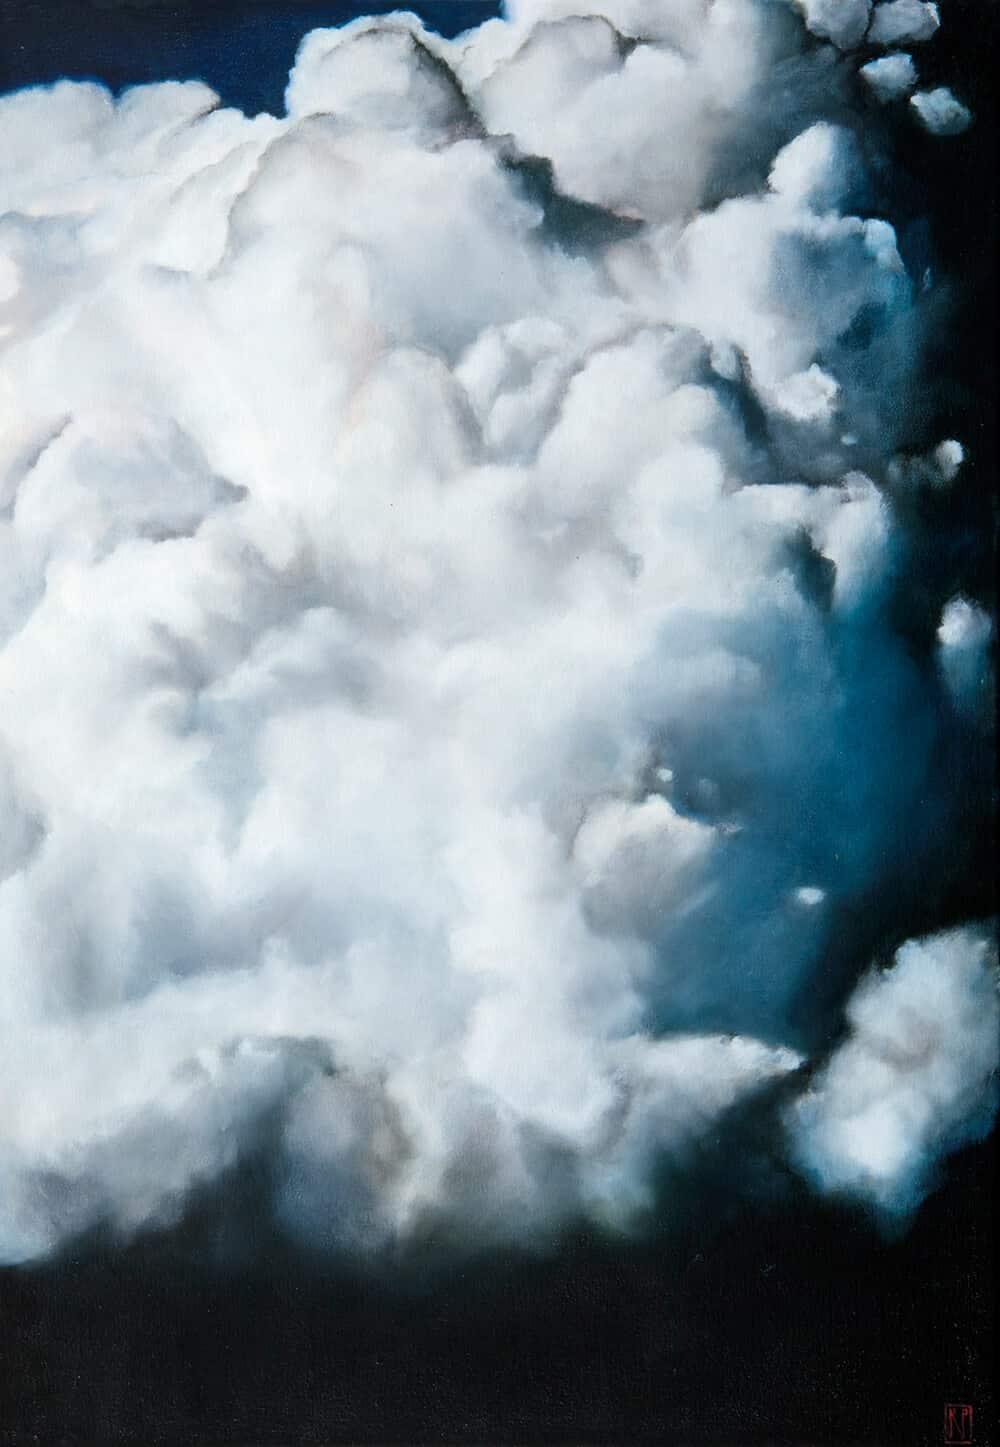 Robyn Penn, Nach dem Scheitern von Ideals I, 2018. Öl auf Leinwand. Mit freundlicher Genehmigung des Künstlers & Barnard.